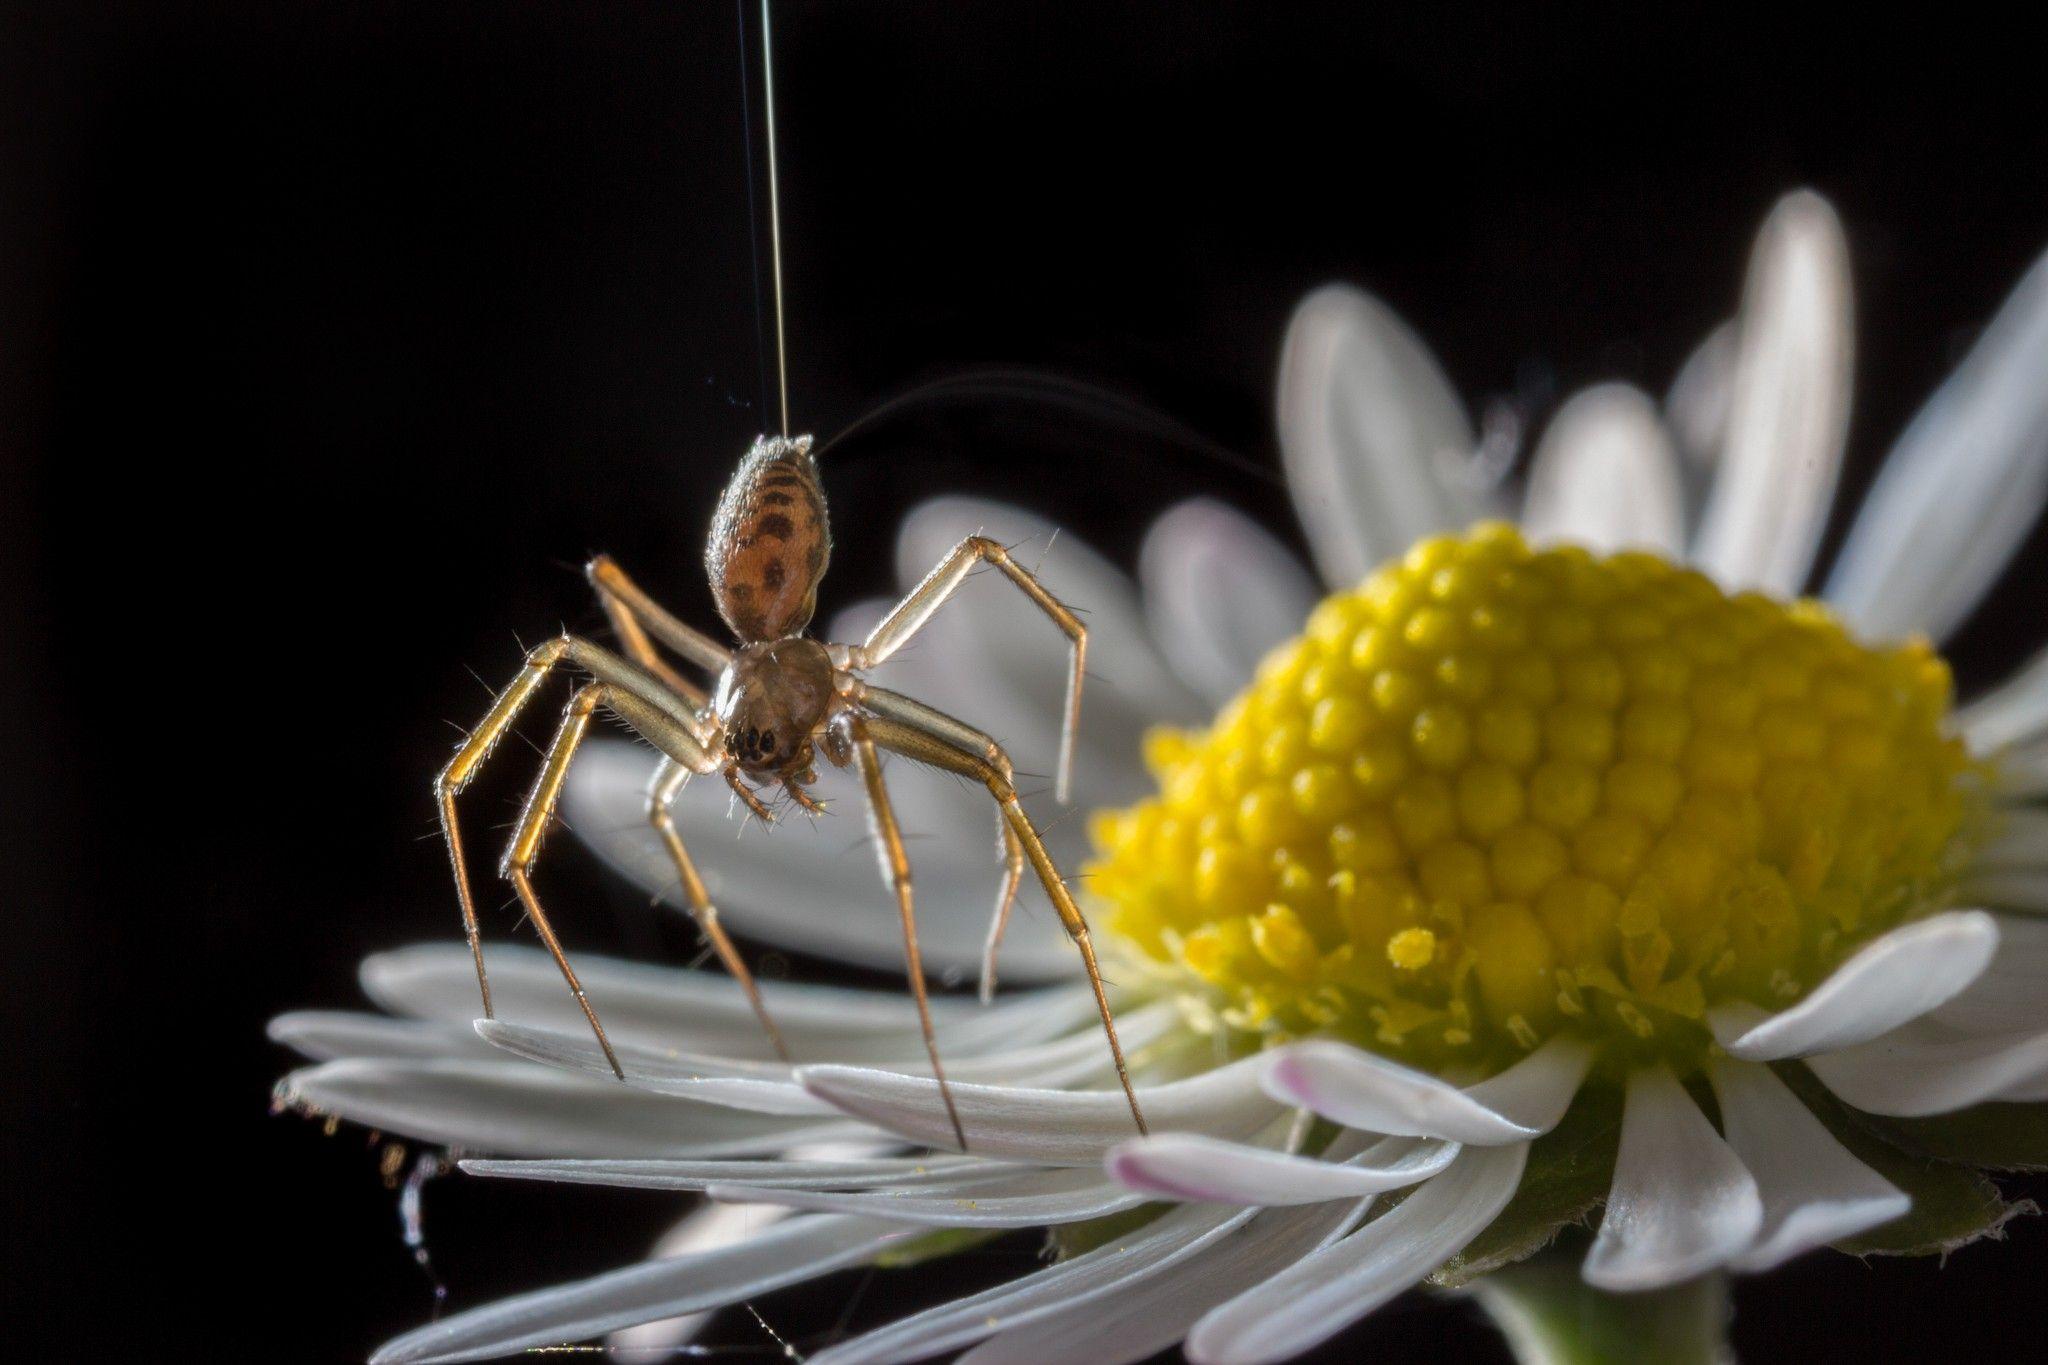 Spider-balloon-daisy